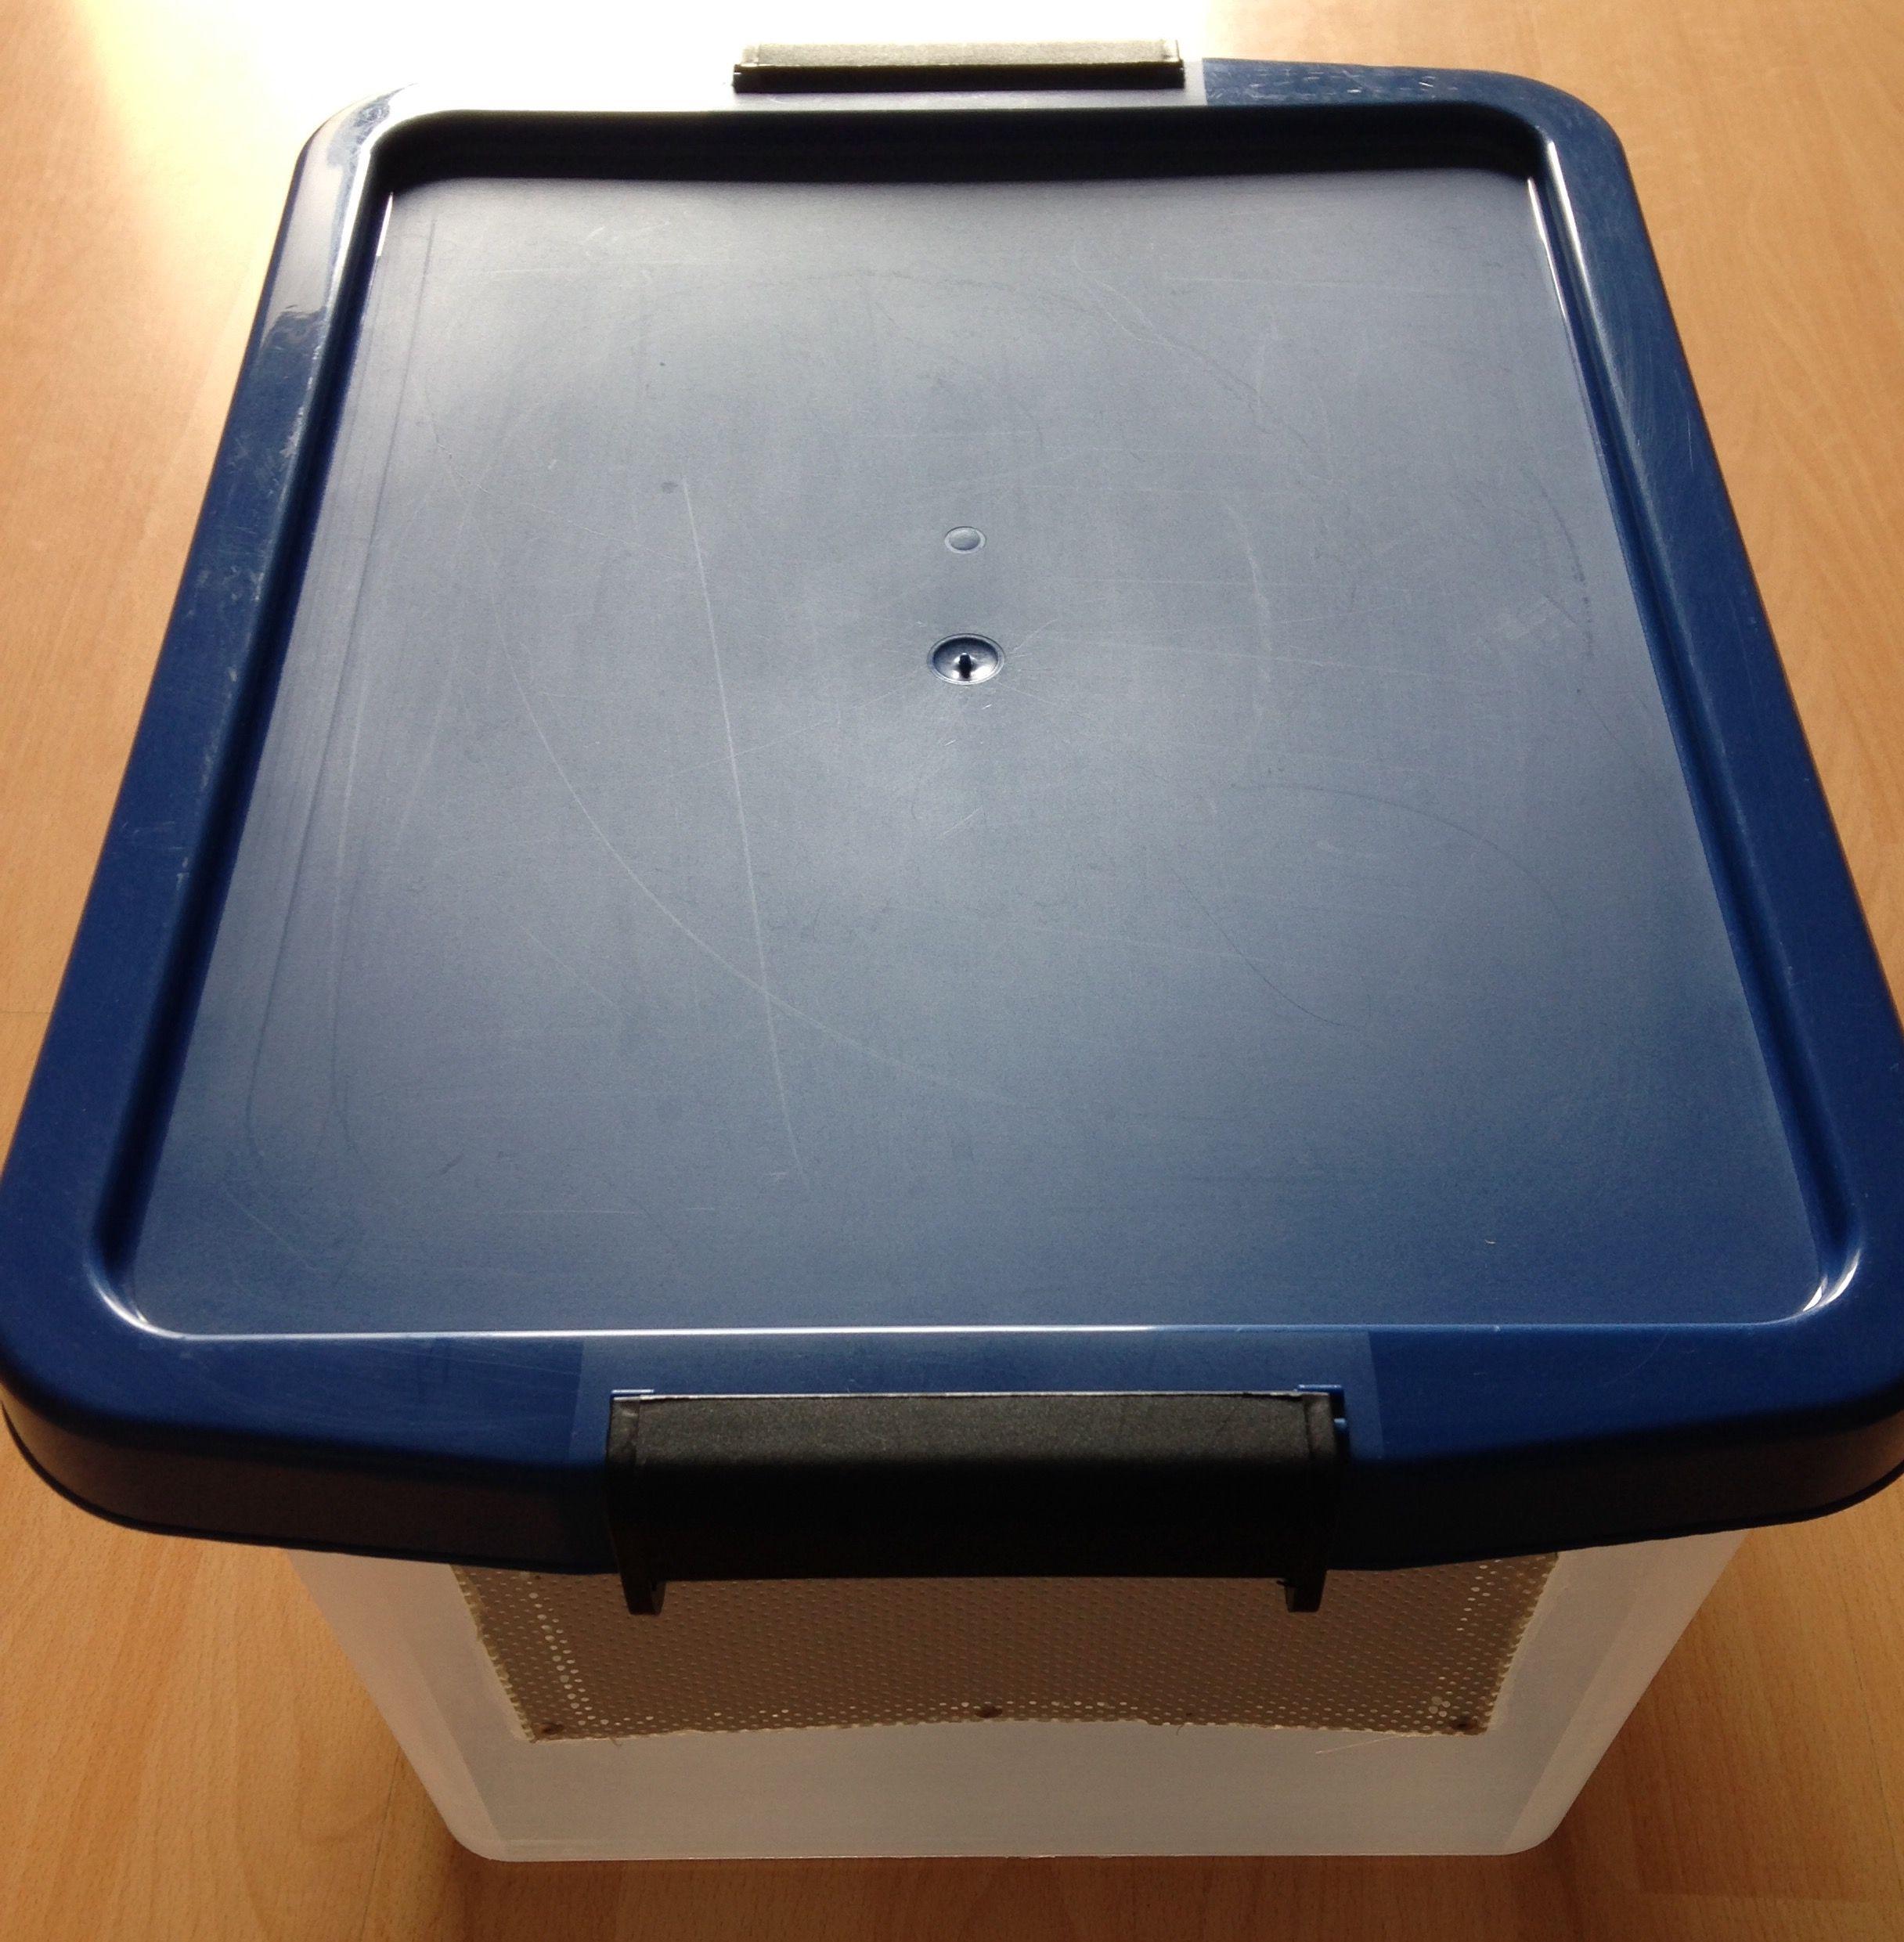 Hallo Ich Verkaufe Hier Eine Transport Insektenbox Masse 46x35x26cm Die Transport Insektenbox Ist In Einem Einwandfr Tierzubehor Box Porto